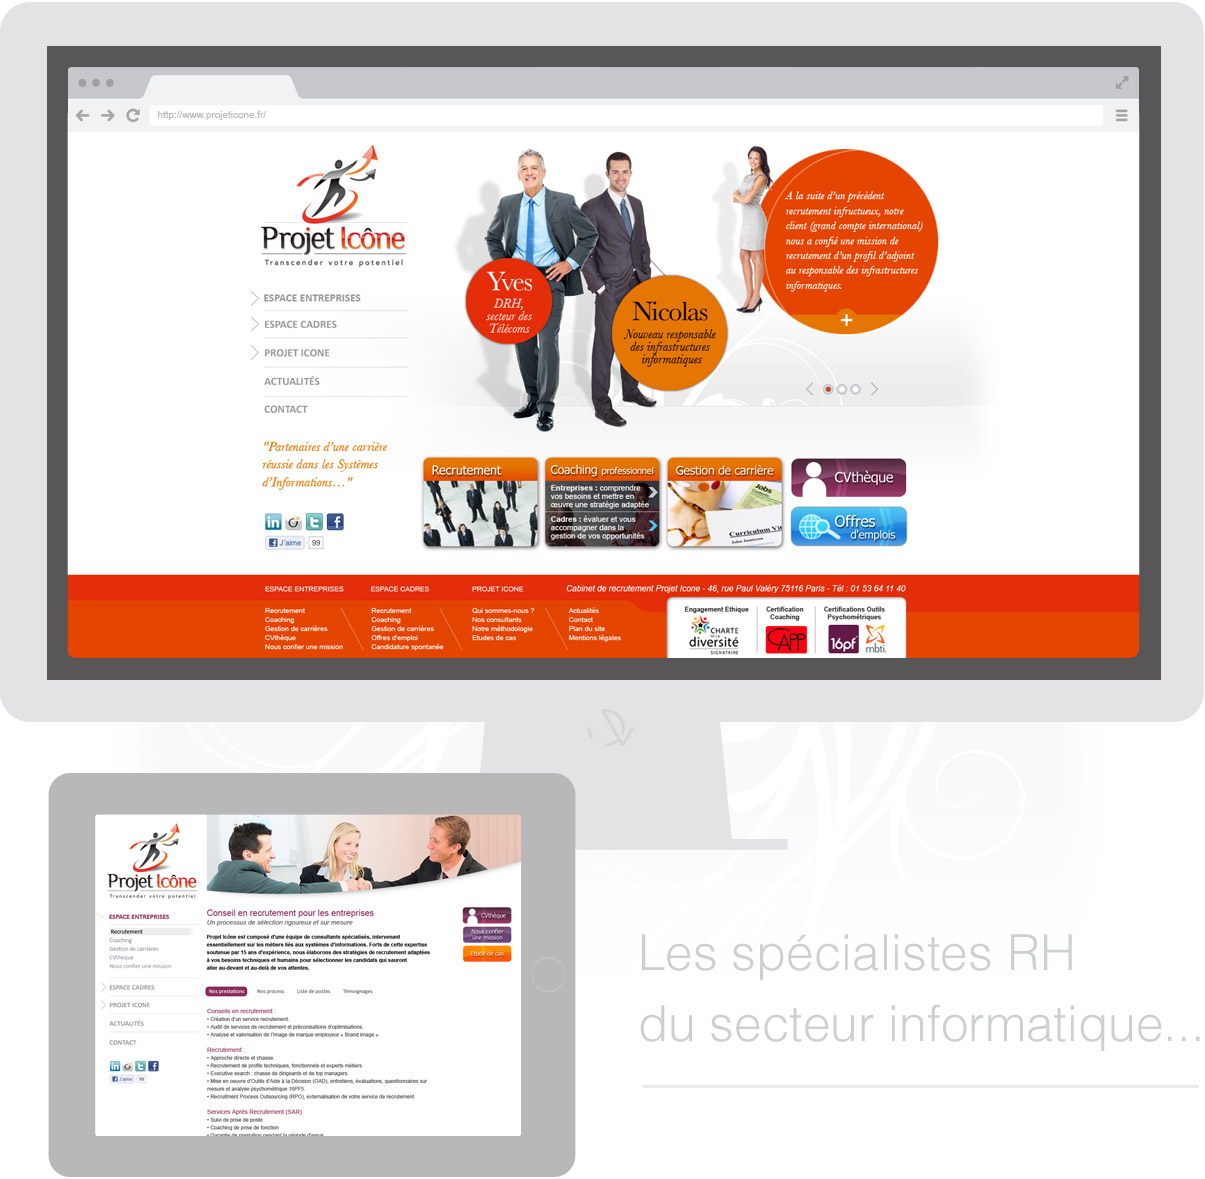 Projet Icone - site internet - Drupal - Direction artistique - Web design -Toulouse